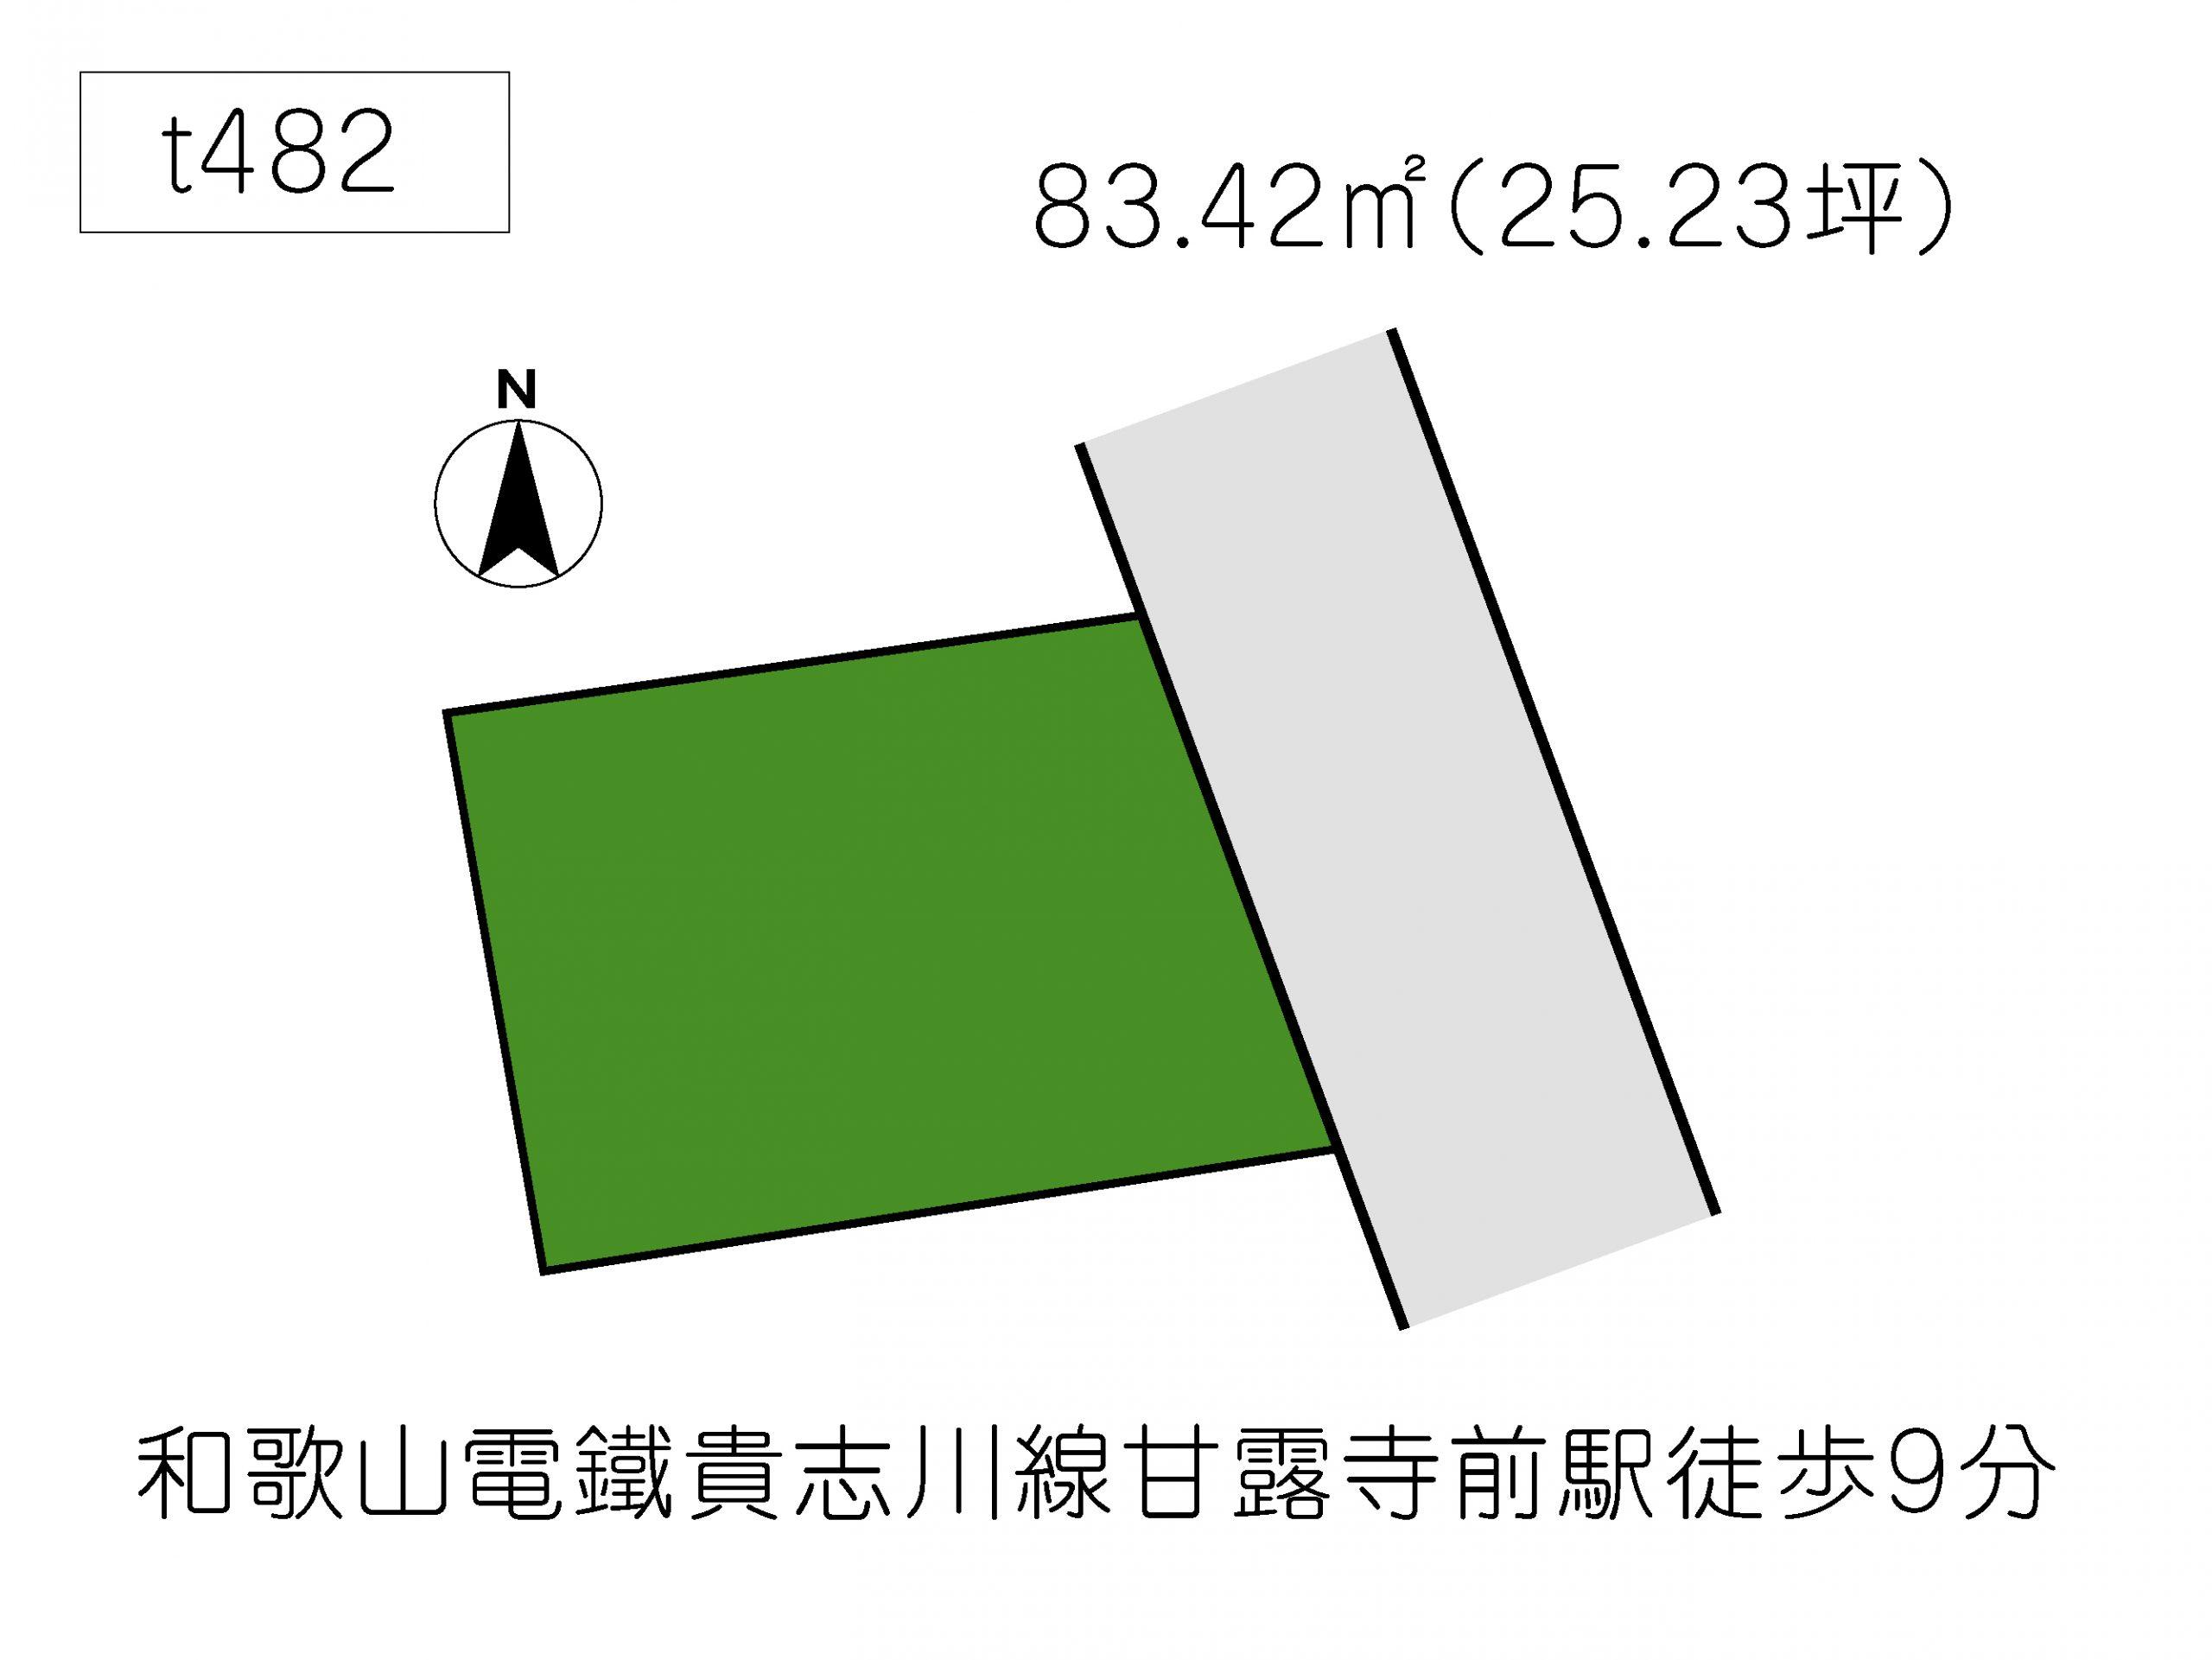 T482 貴志川町尼寺